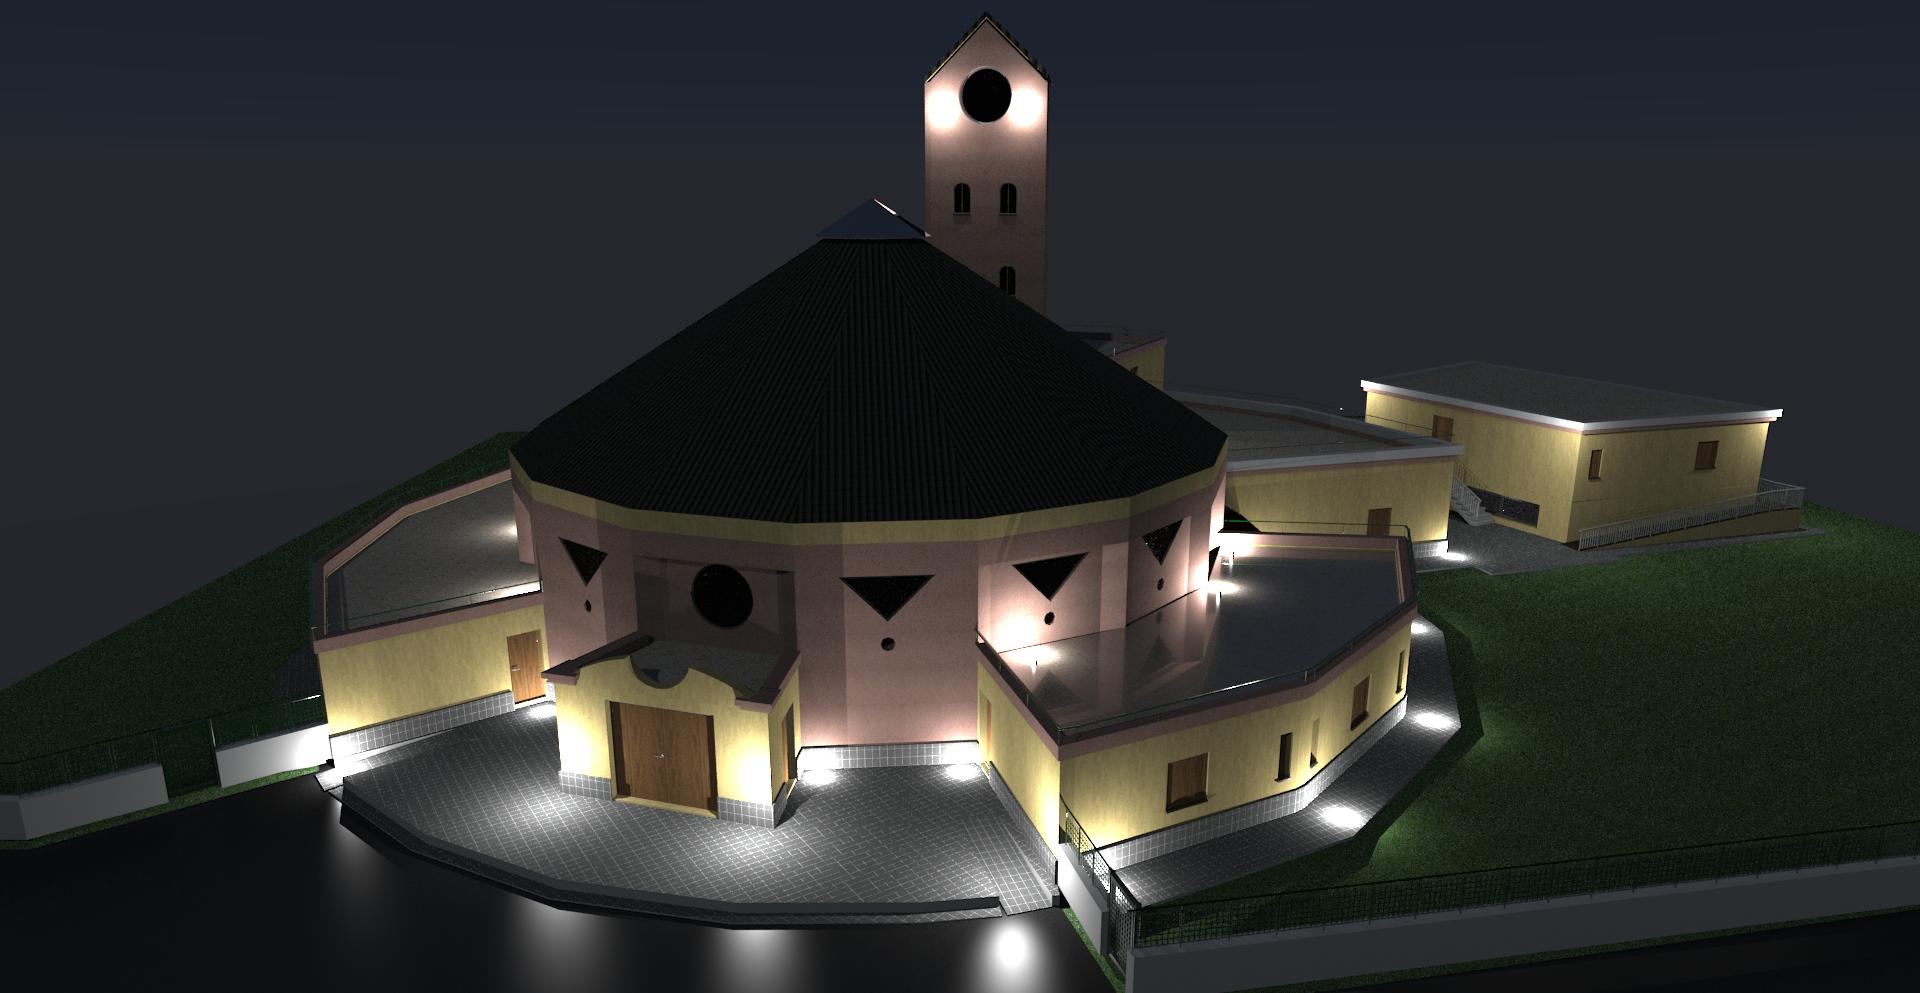 Progetto-chiesa-notturno